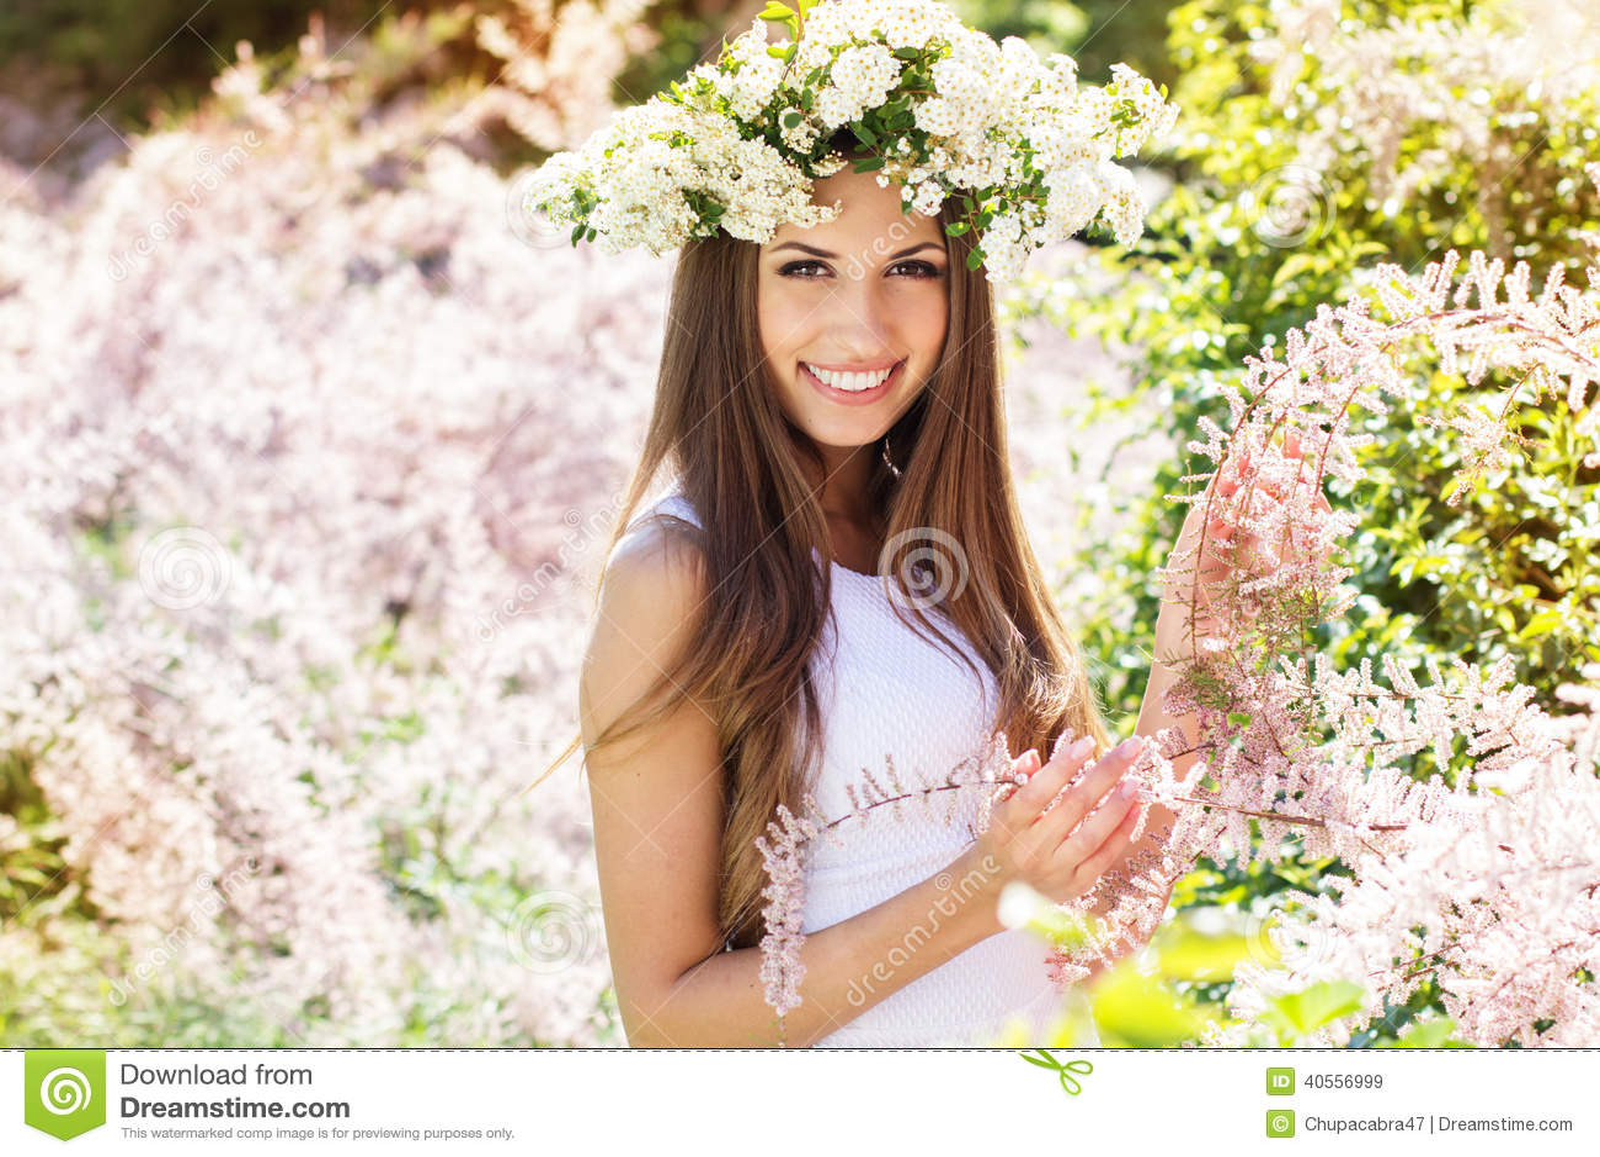 Schönes Mädchen auf der Natur im Kranz von Blumen